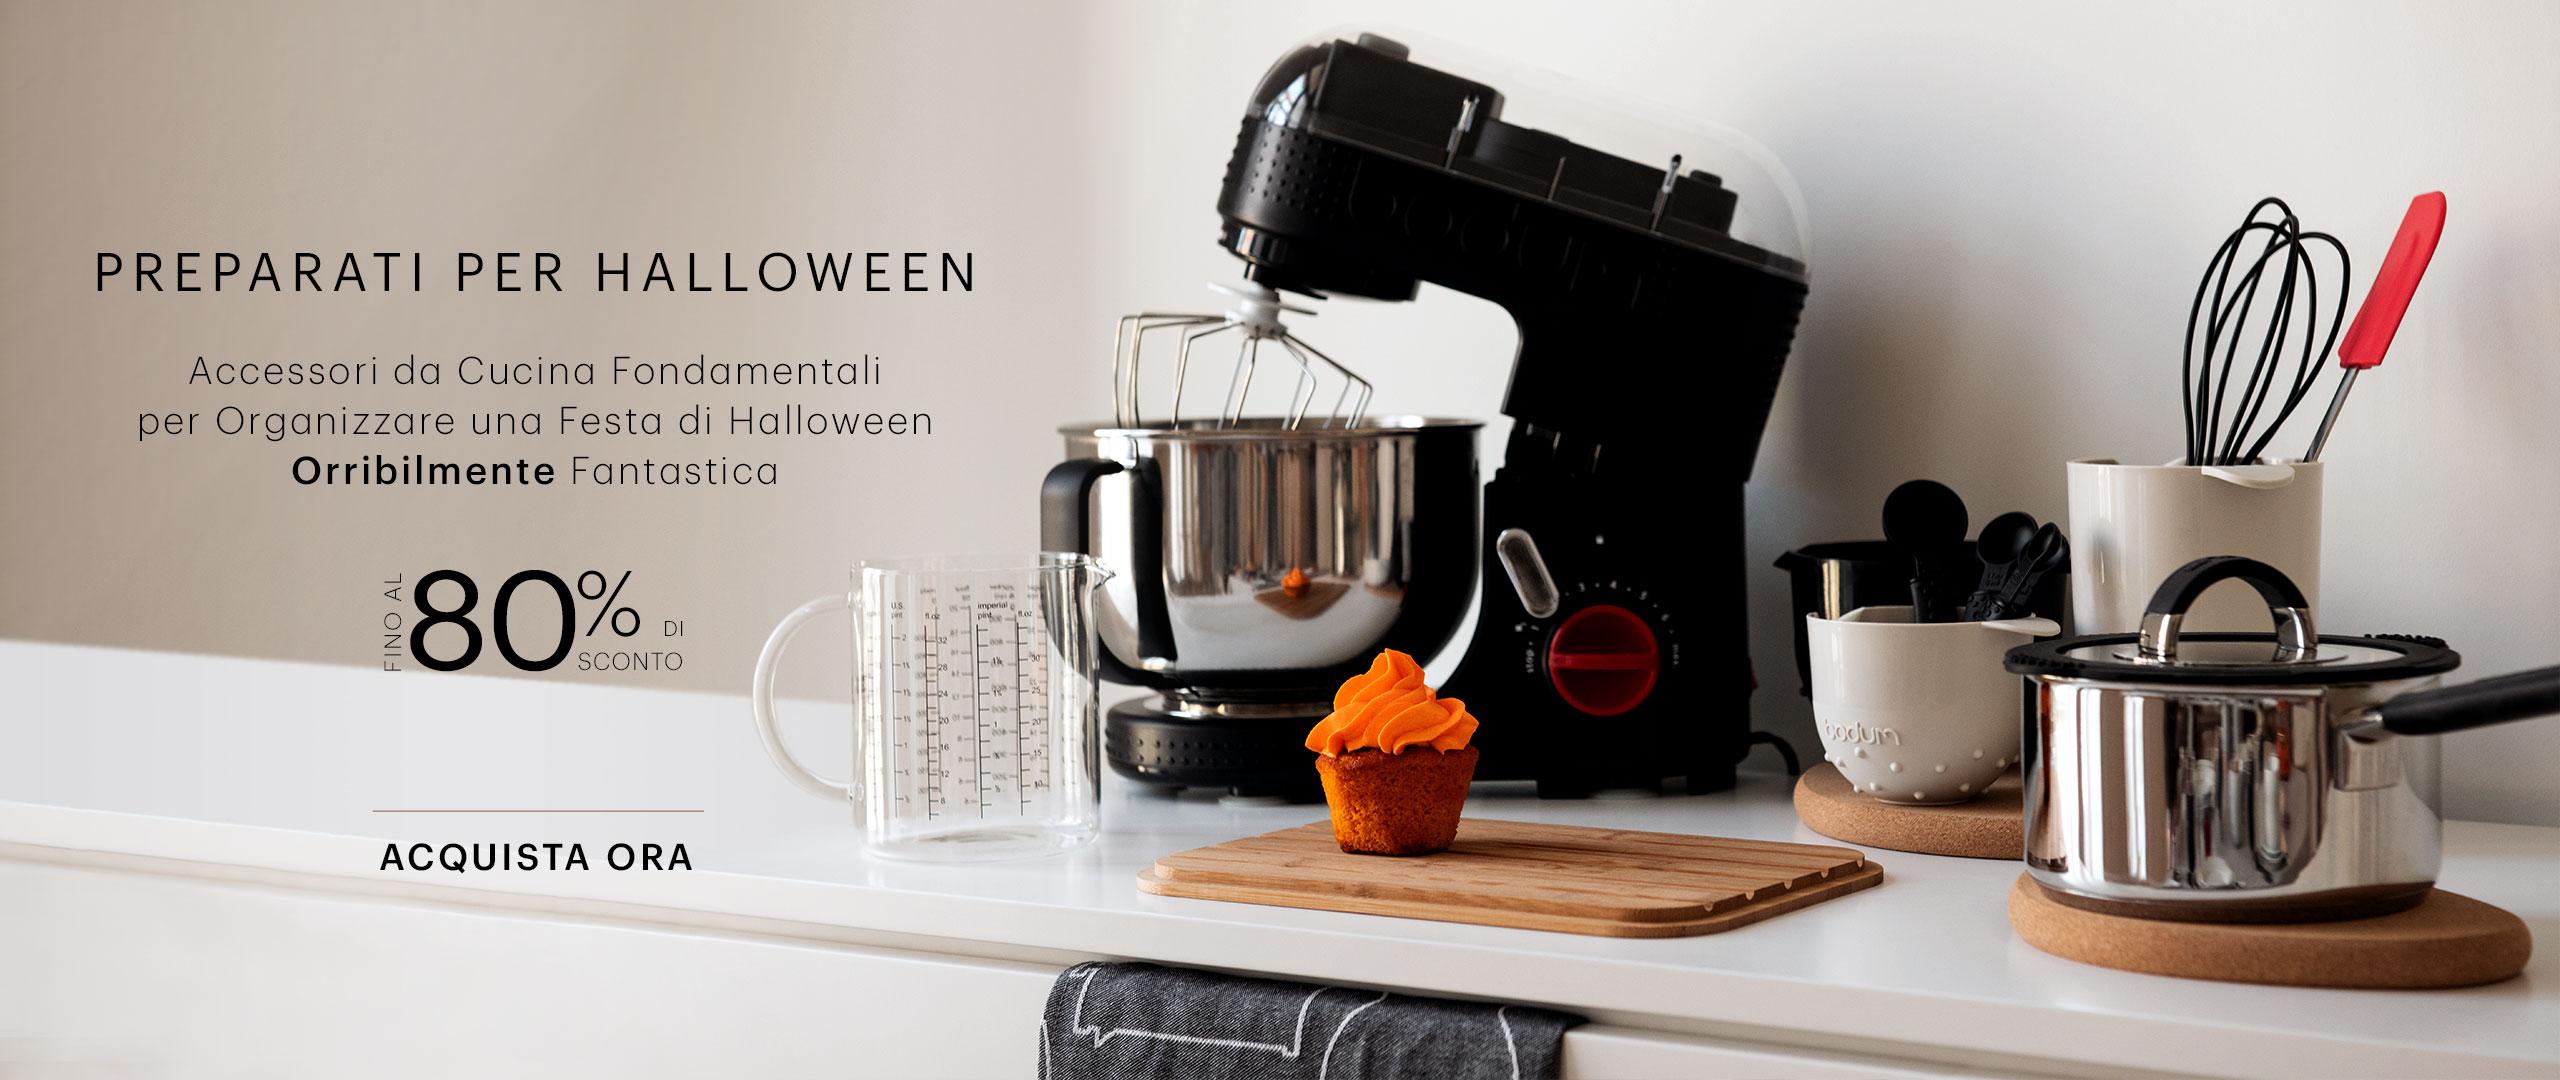 BEU [CH-IT] - Halloween